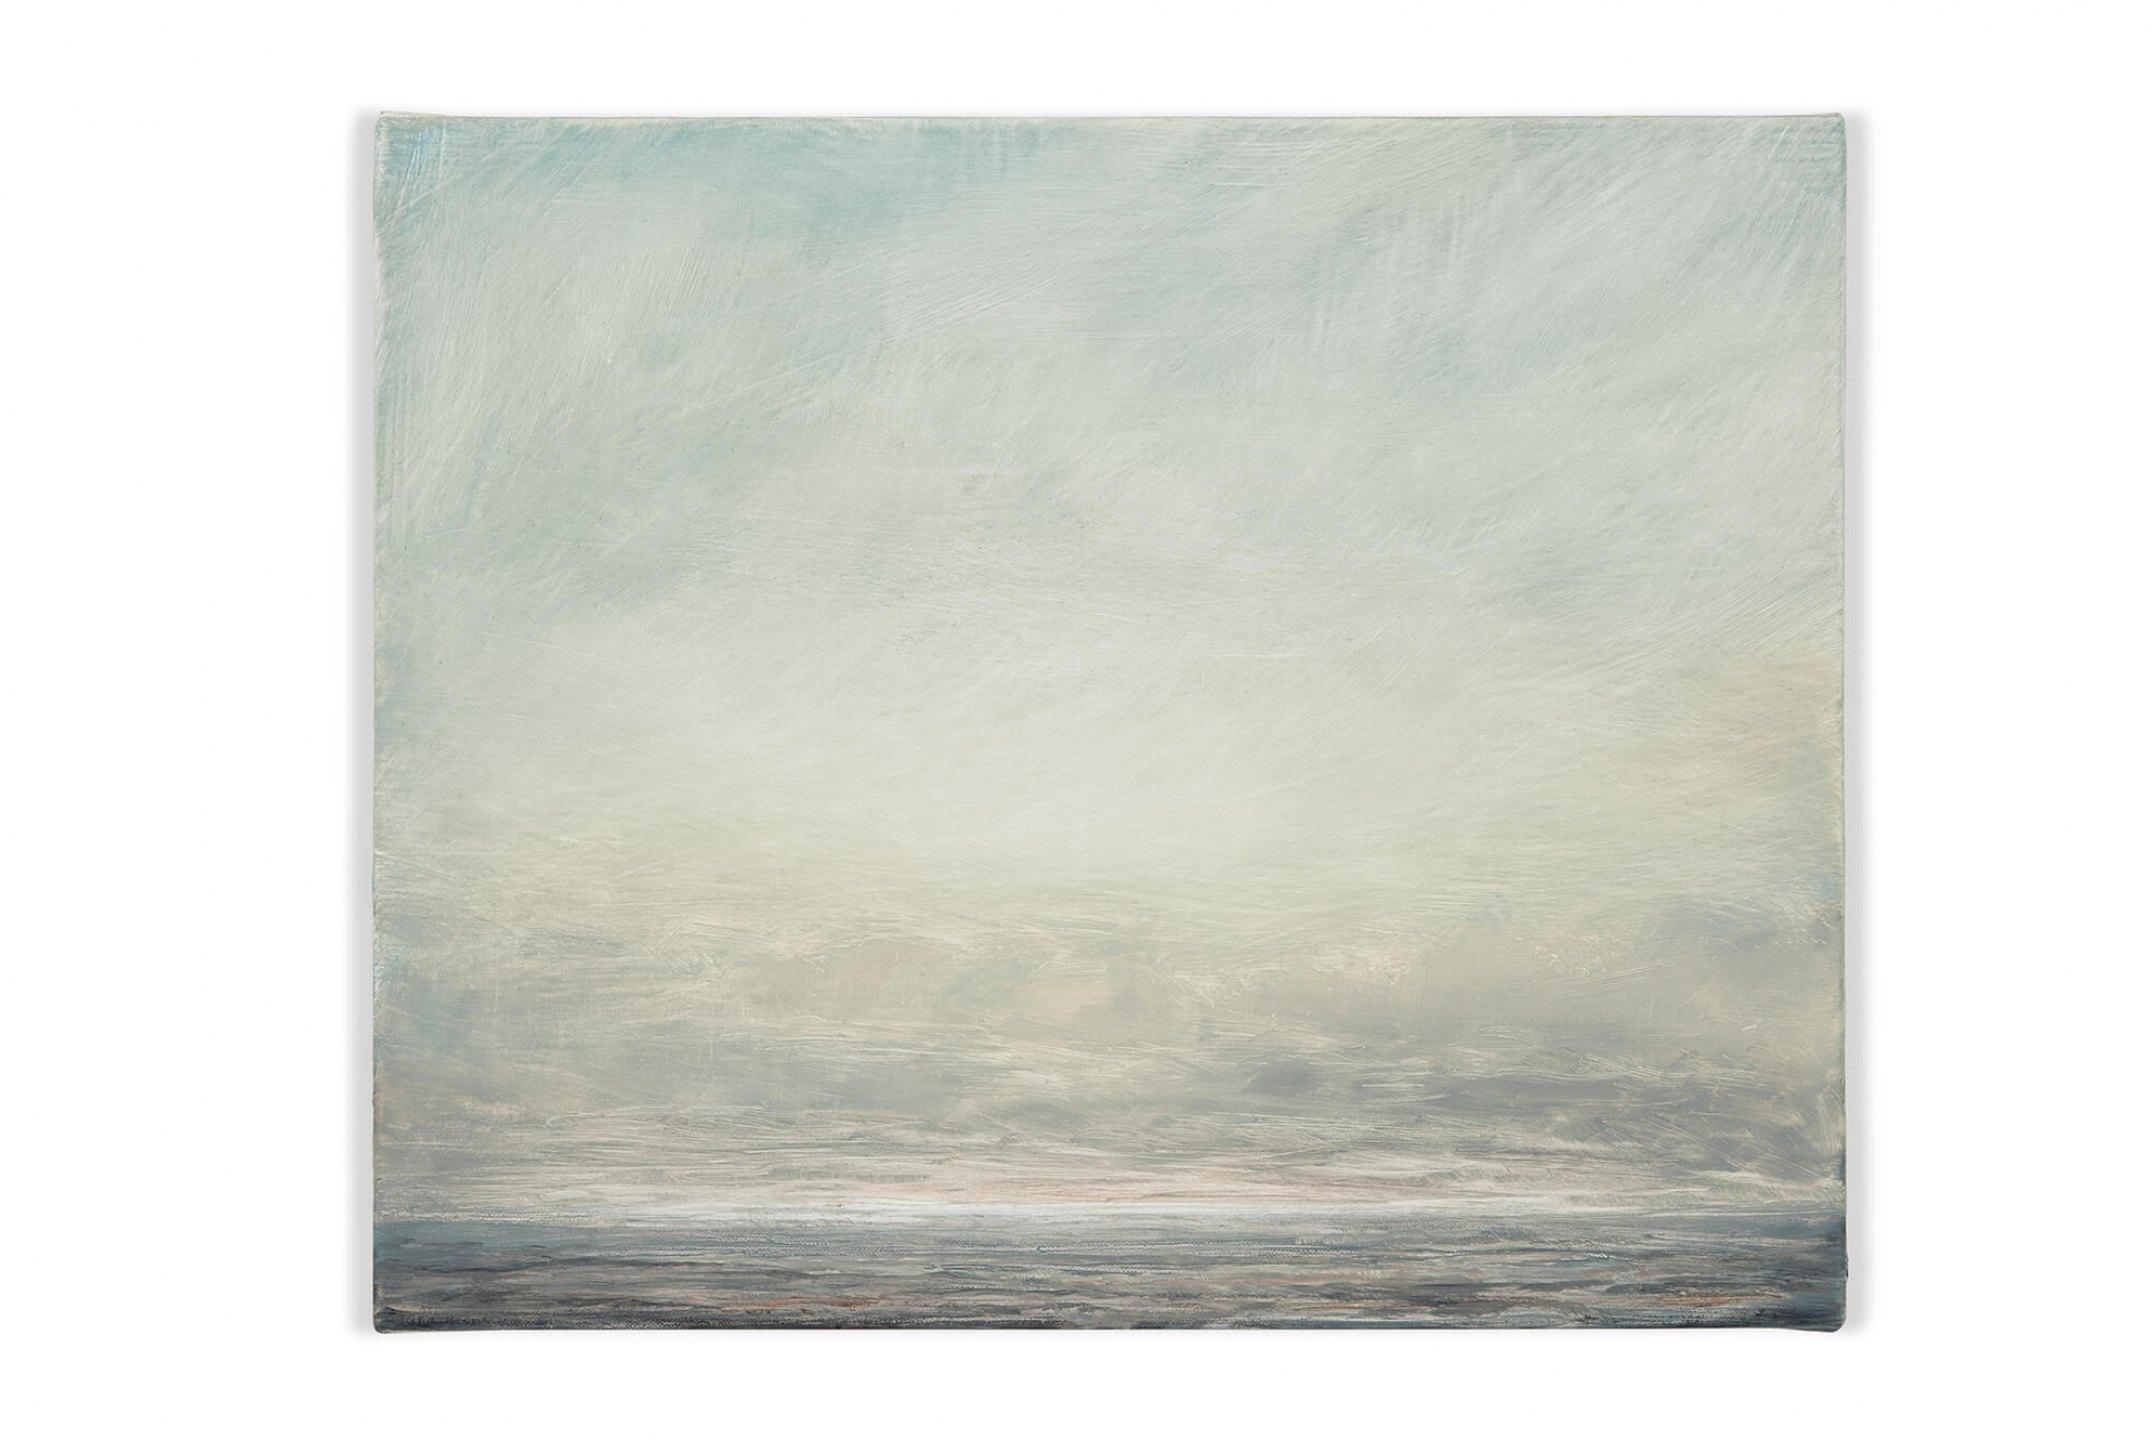 Lucas Arruda,<em>untitled</em>, 2013, oil on canvas, 30 × 37 cm - Mendes Wood DM